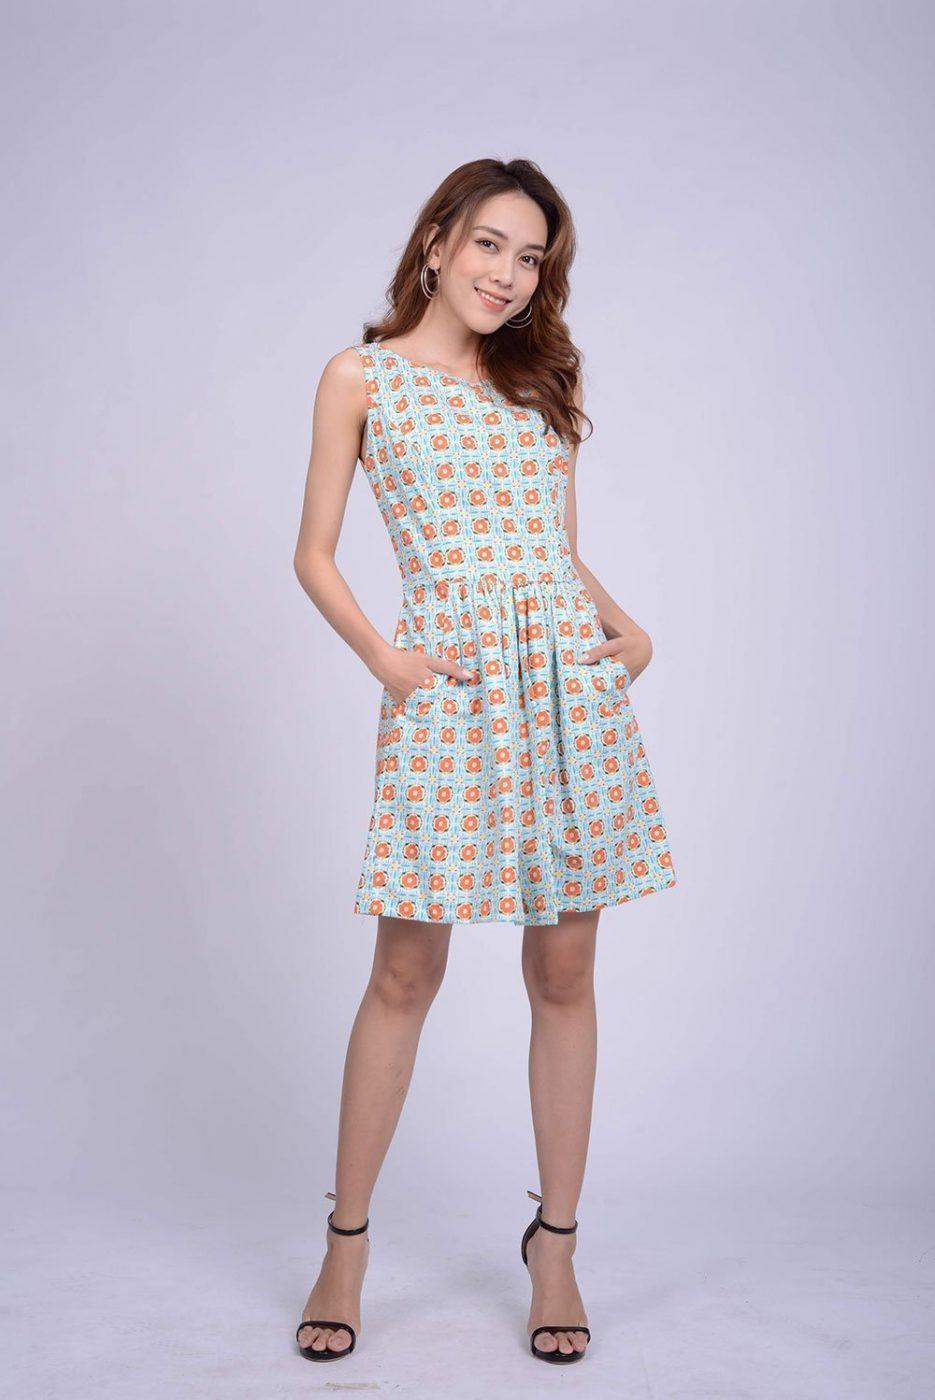 váy-ngắn-phong-cách-giá-rẻ-thời-thượng-saigon-cassis-roses-trang-phục-nữ-may-đo-thủ-công-tp-hcm-trang-phục-chất-lượng-cao-sài-gòn-thời-trang-nữ-sài-gòn-đầm-váy-nữ-quần-áo